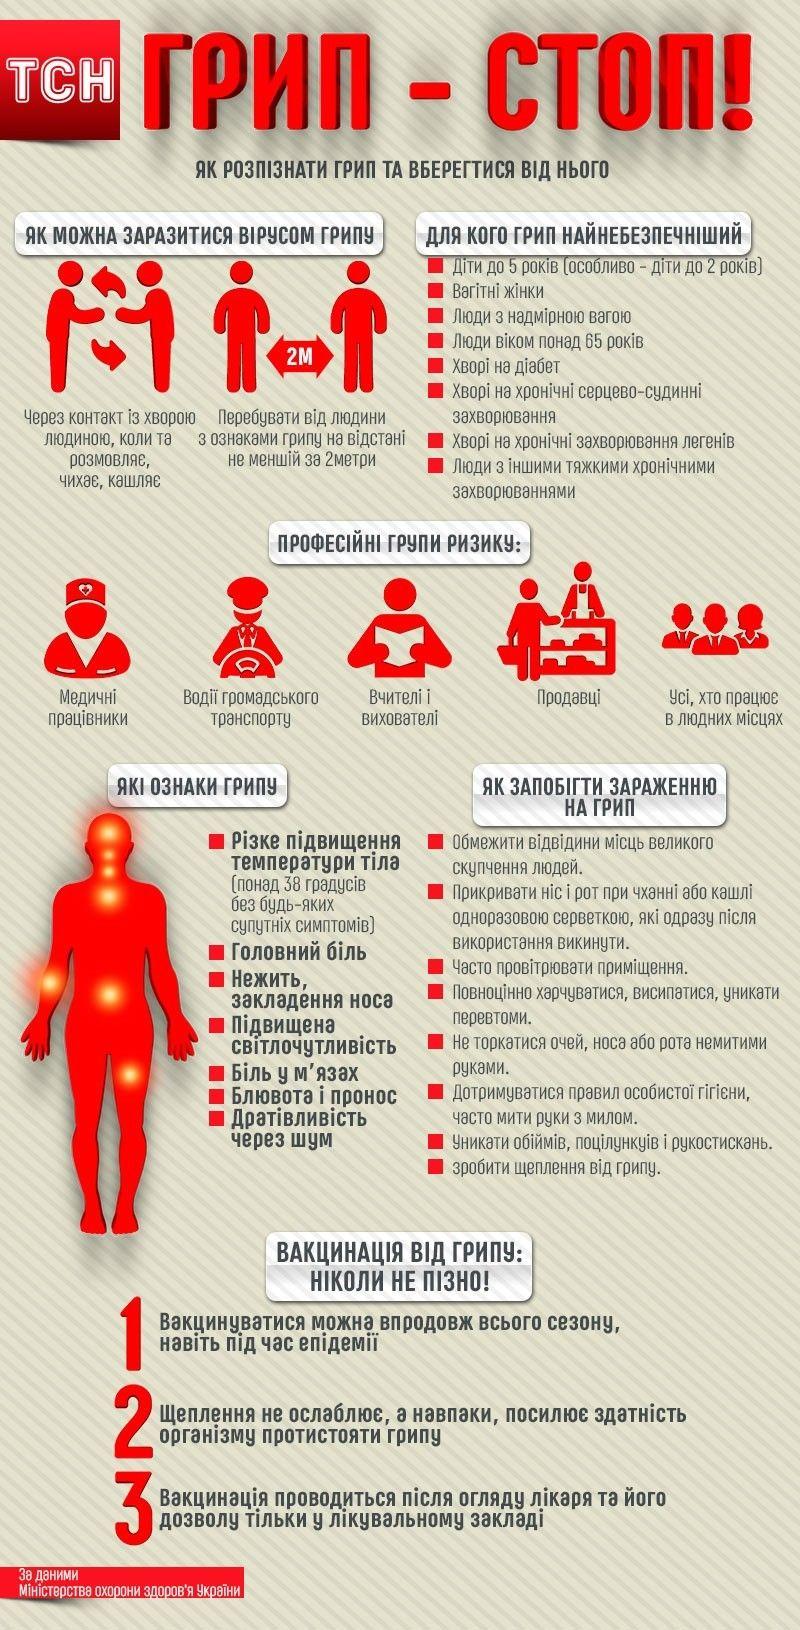 Як розпізнати грип та вберегтися від нього, інфографіка 2